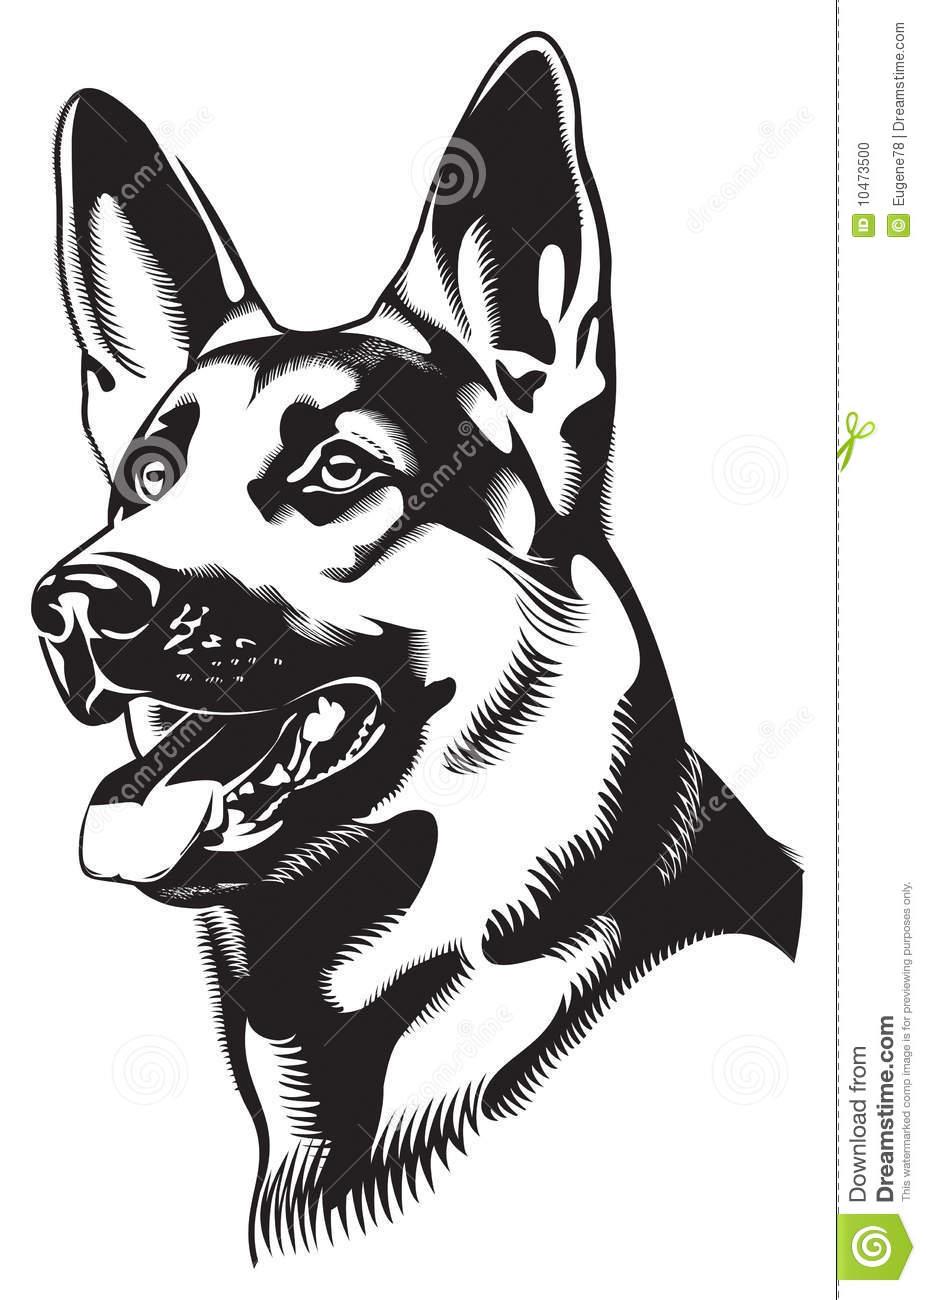 German shepherd dog clipart download.